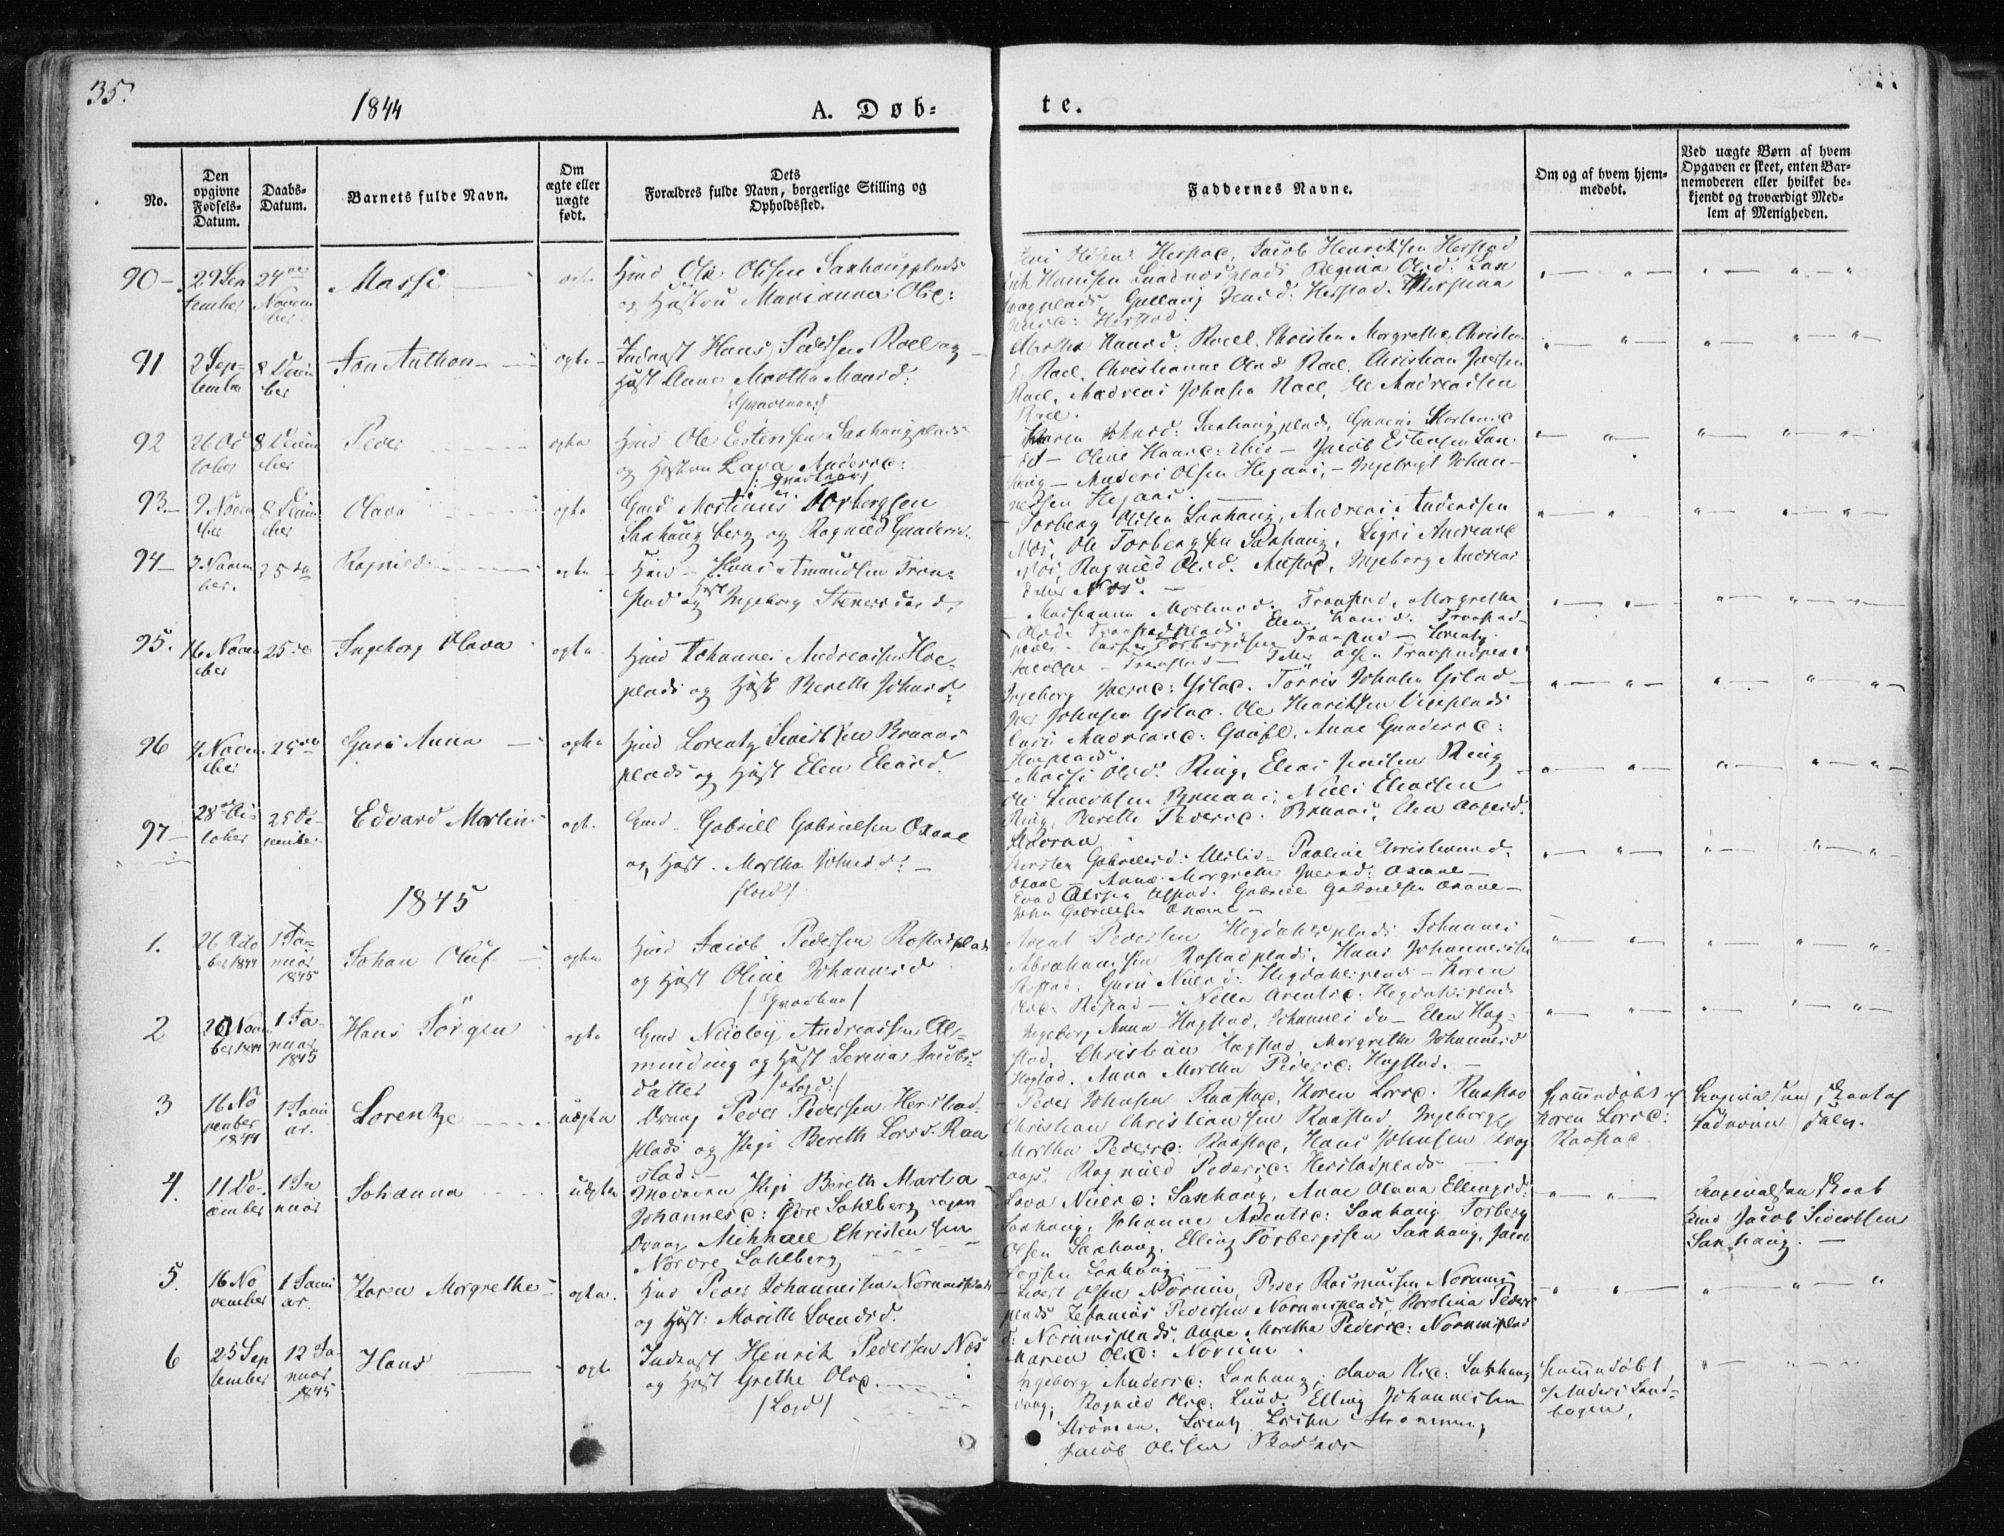 SAT, Ministerialprotokoller, klokkerbøker og fødselsregistre - Nord-Trøndelag, 730/L0280: Ministerialbok nr. 730A07 /1, 1840-1854, s. 35